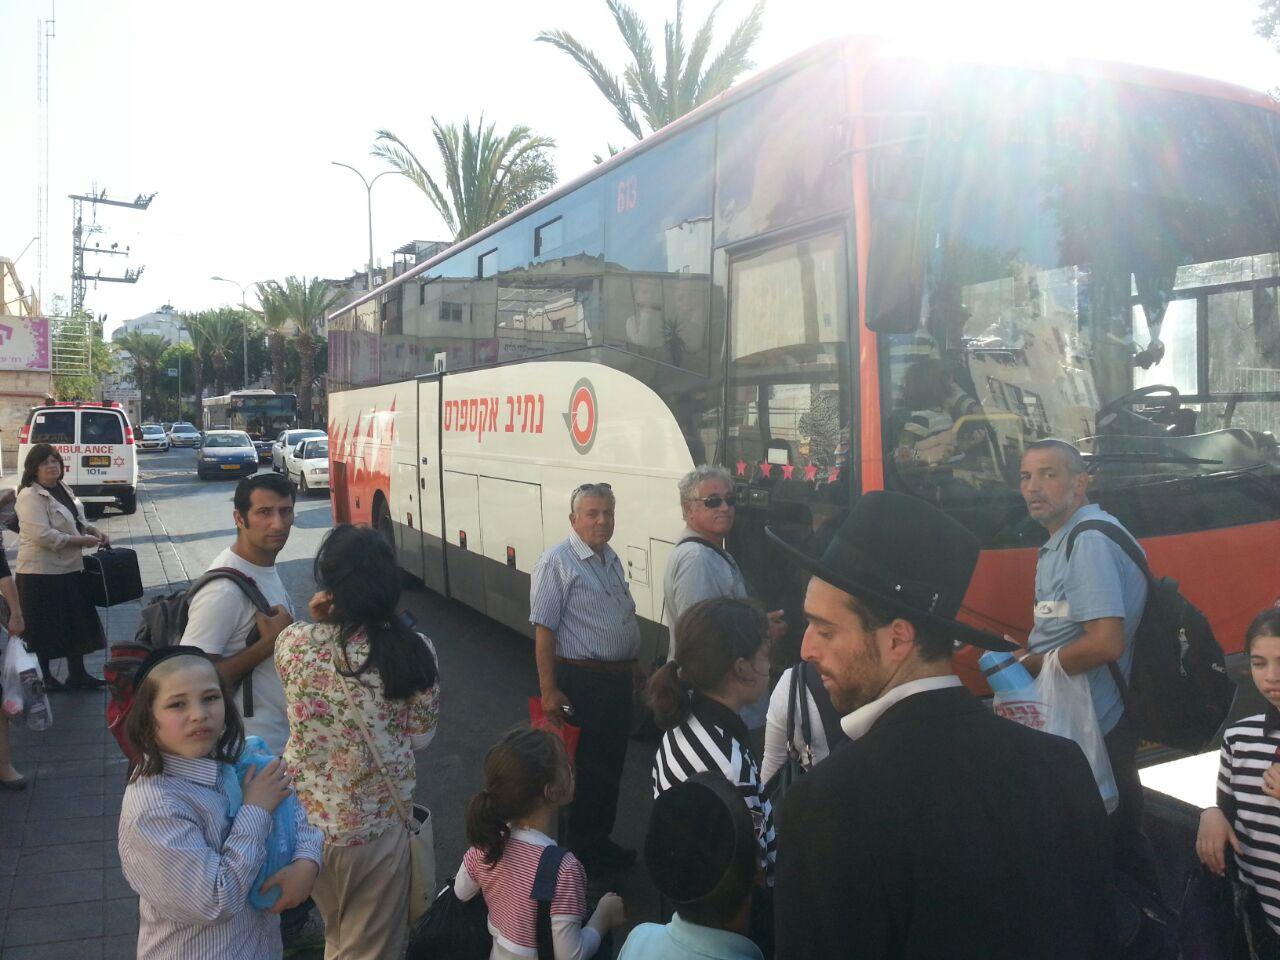 אוטובוס אוטובוסים חרדים נוסעים זועמים - צילם יהודה רחמים 24 (3)